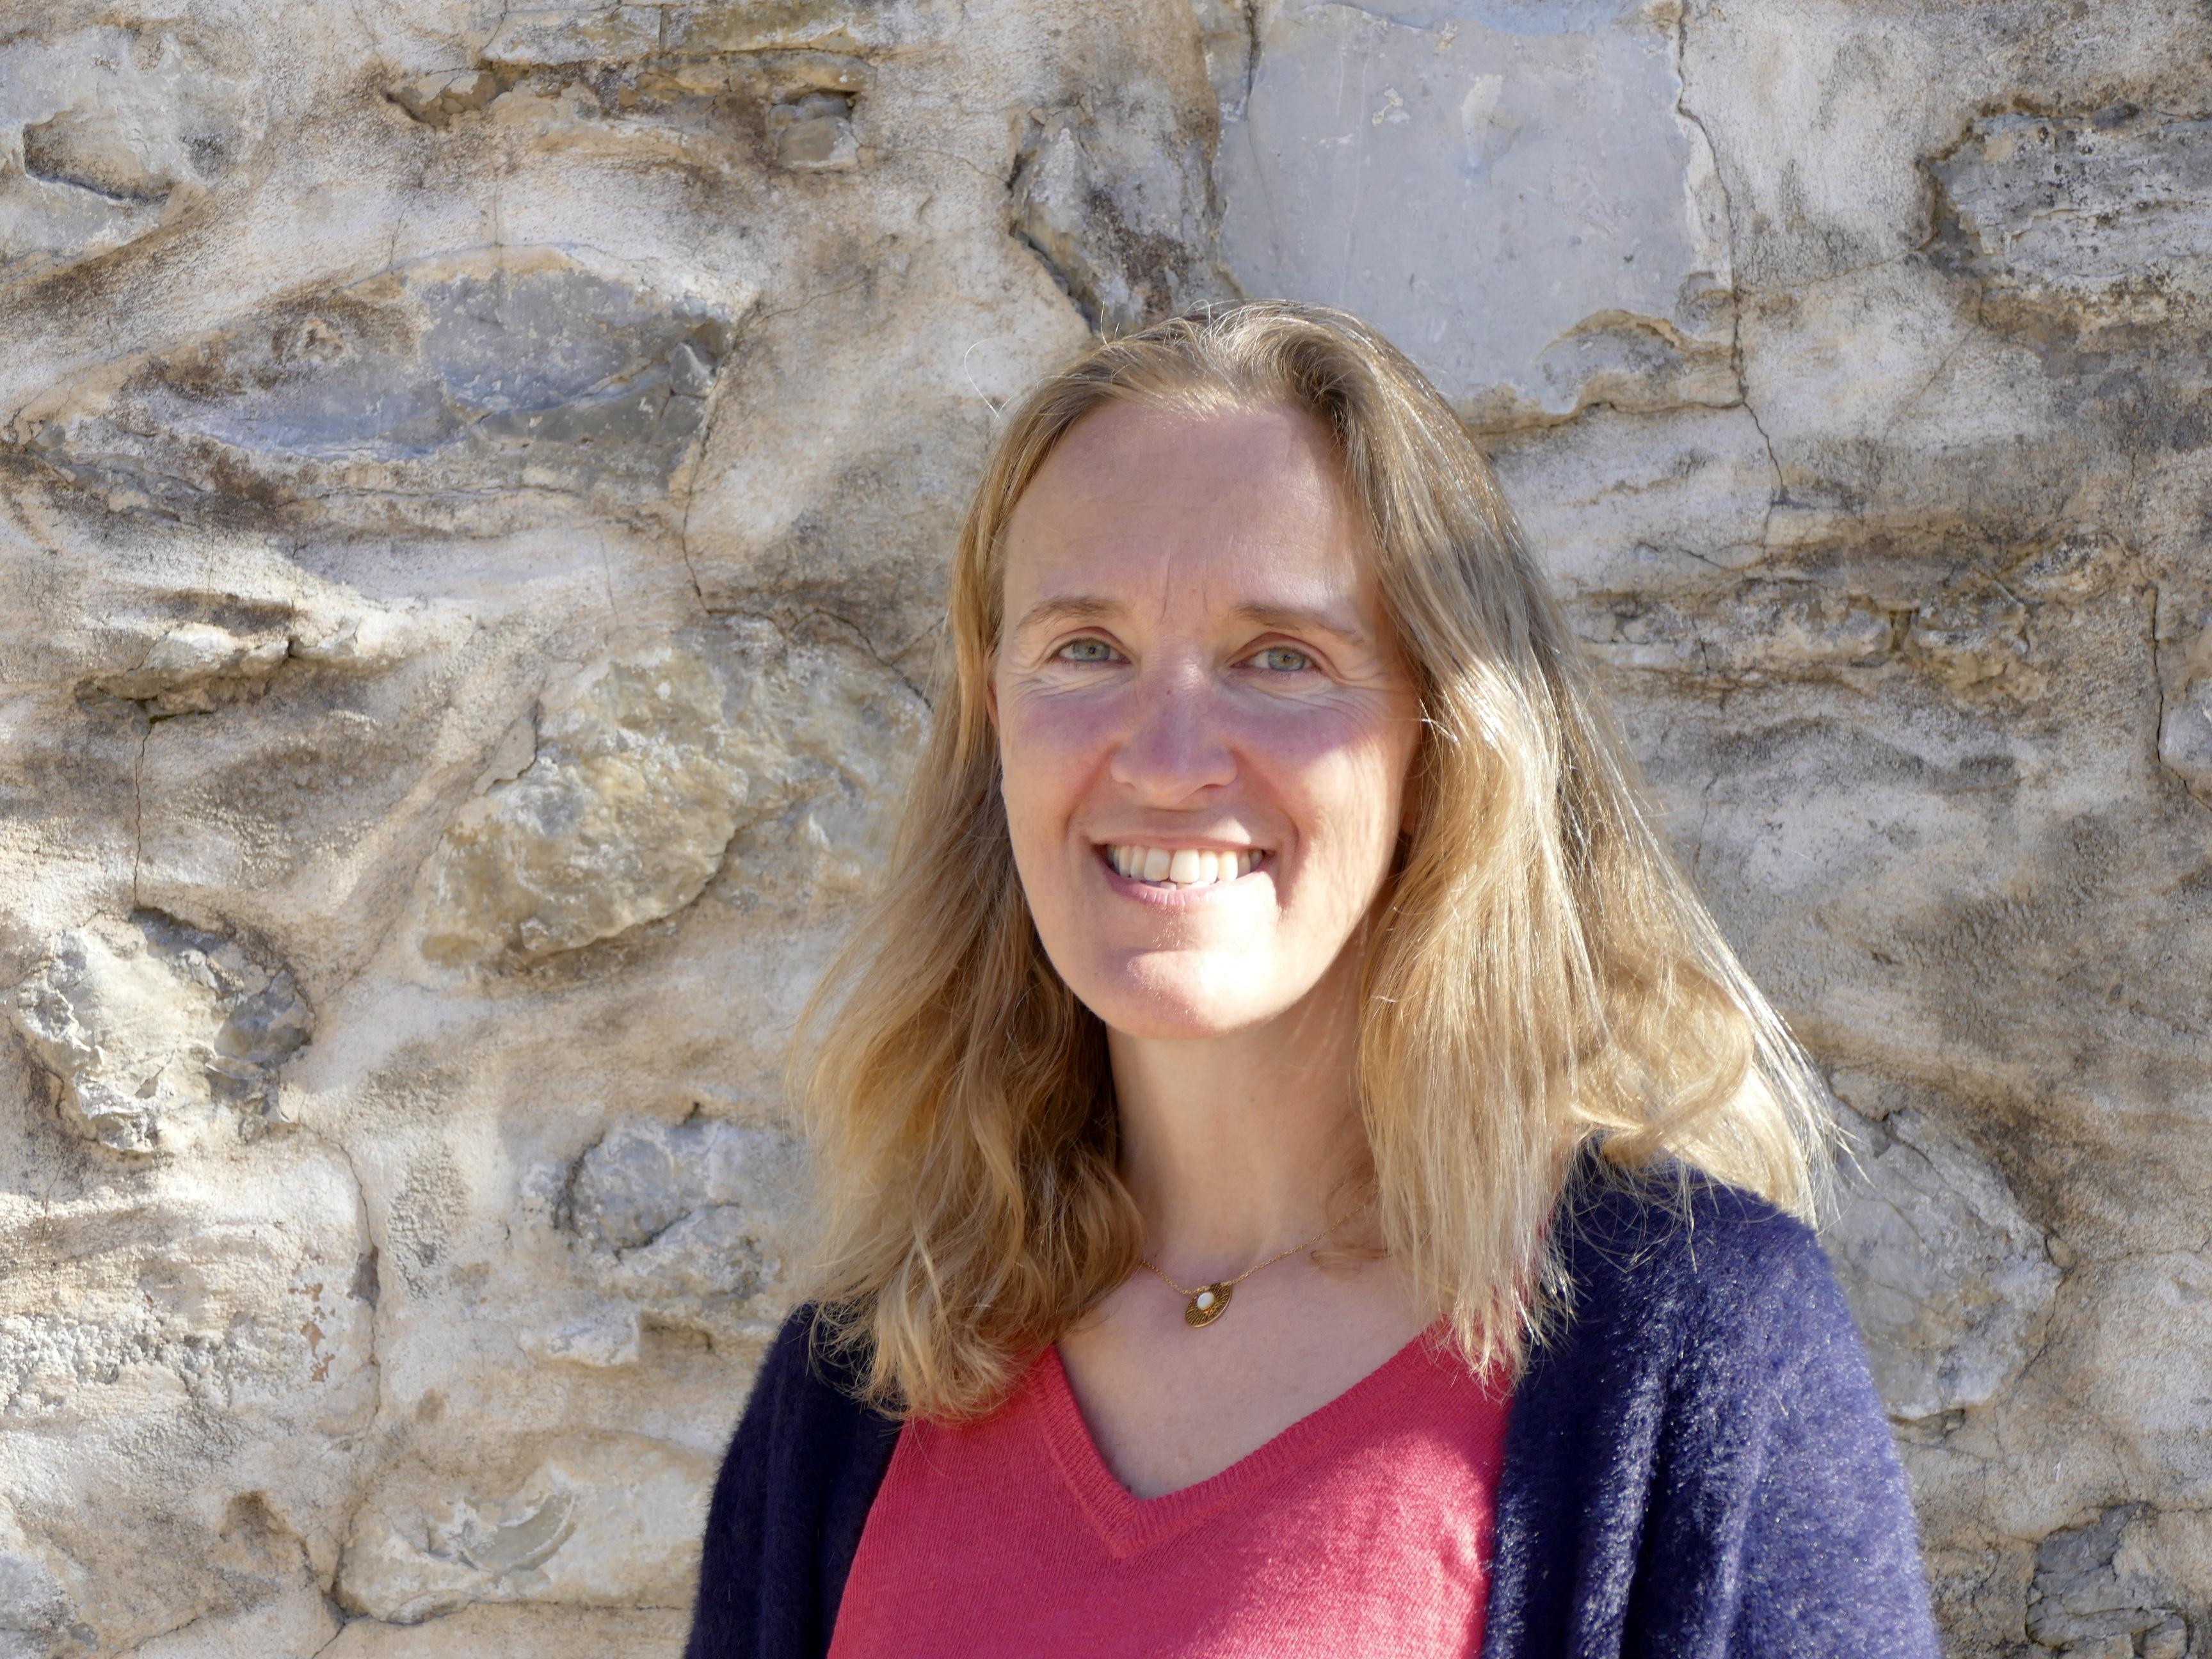 Victoria Pellé